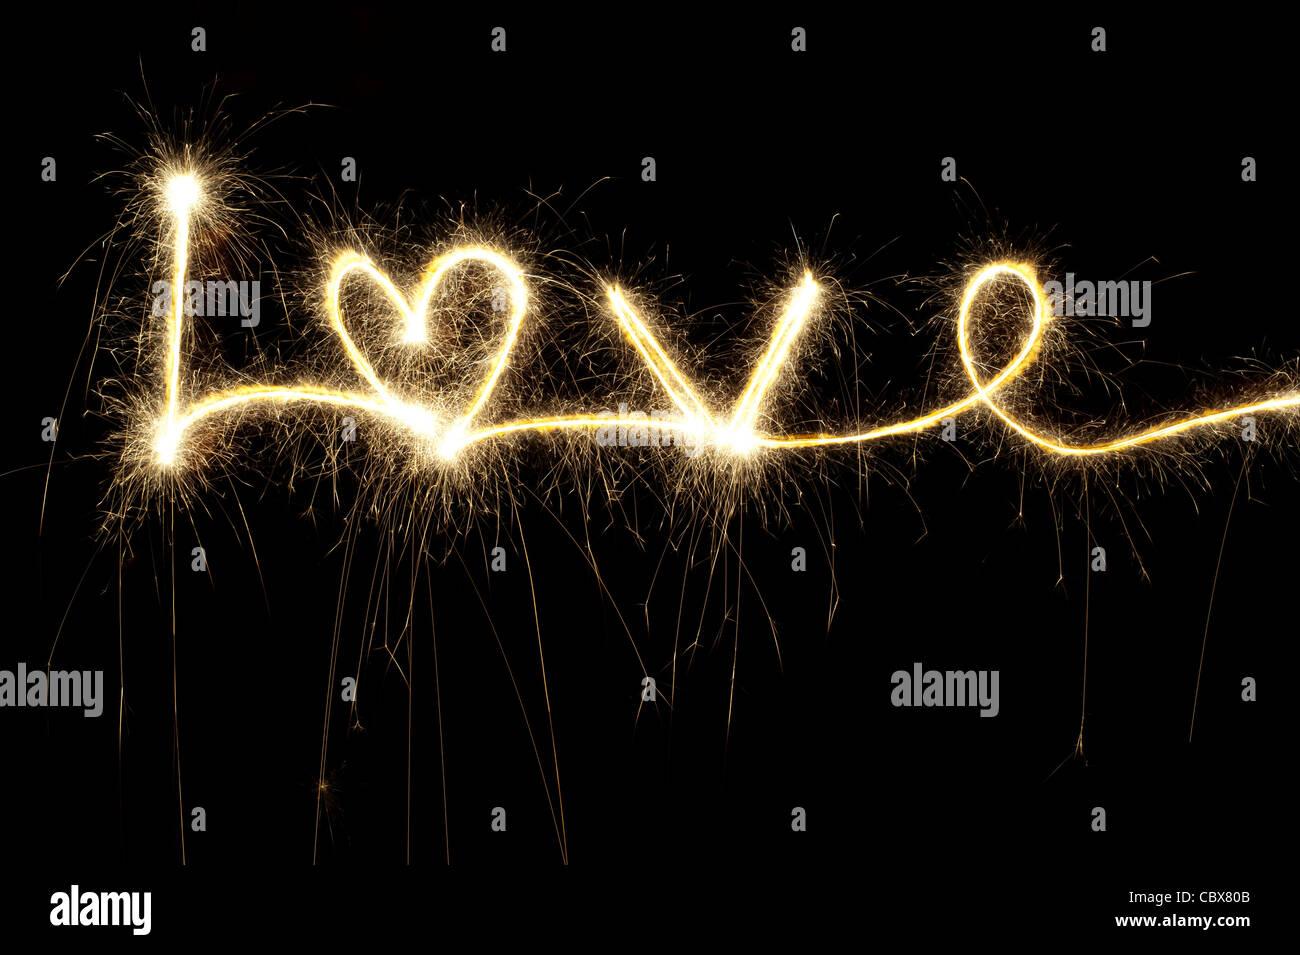 Liebe, geschrieben mit einer Wunderkerze in der Nacht einschließlich einer Herzform Stockfoto